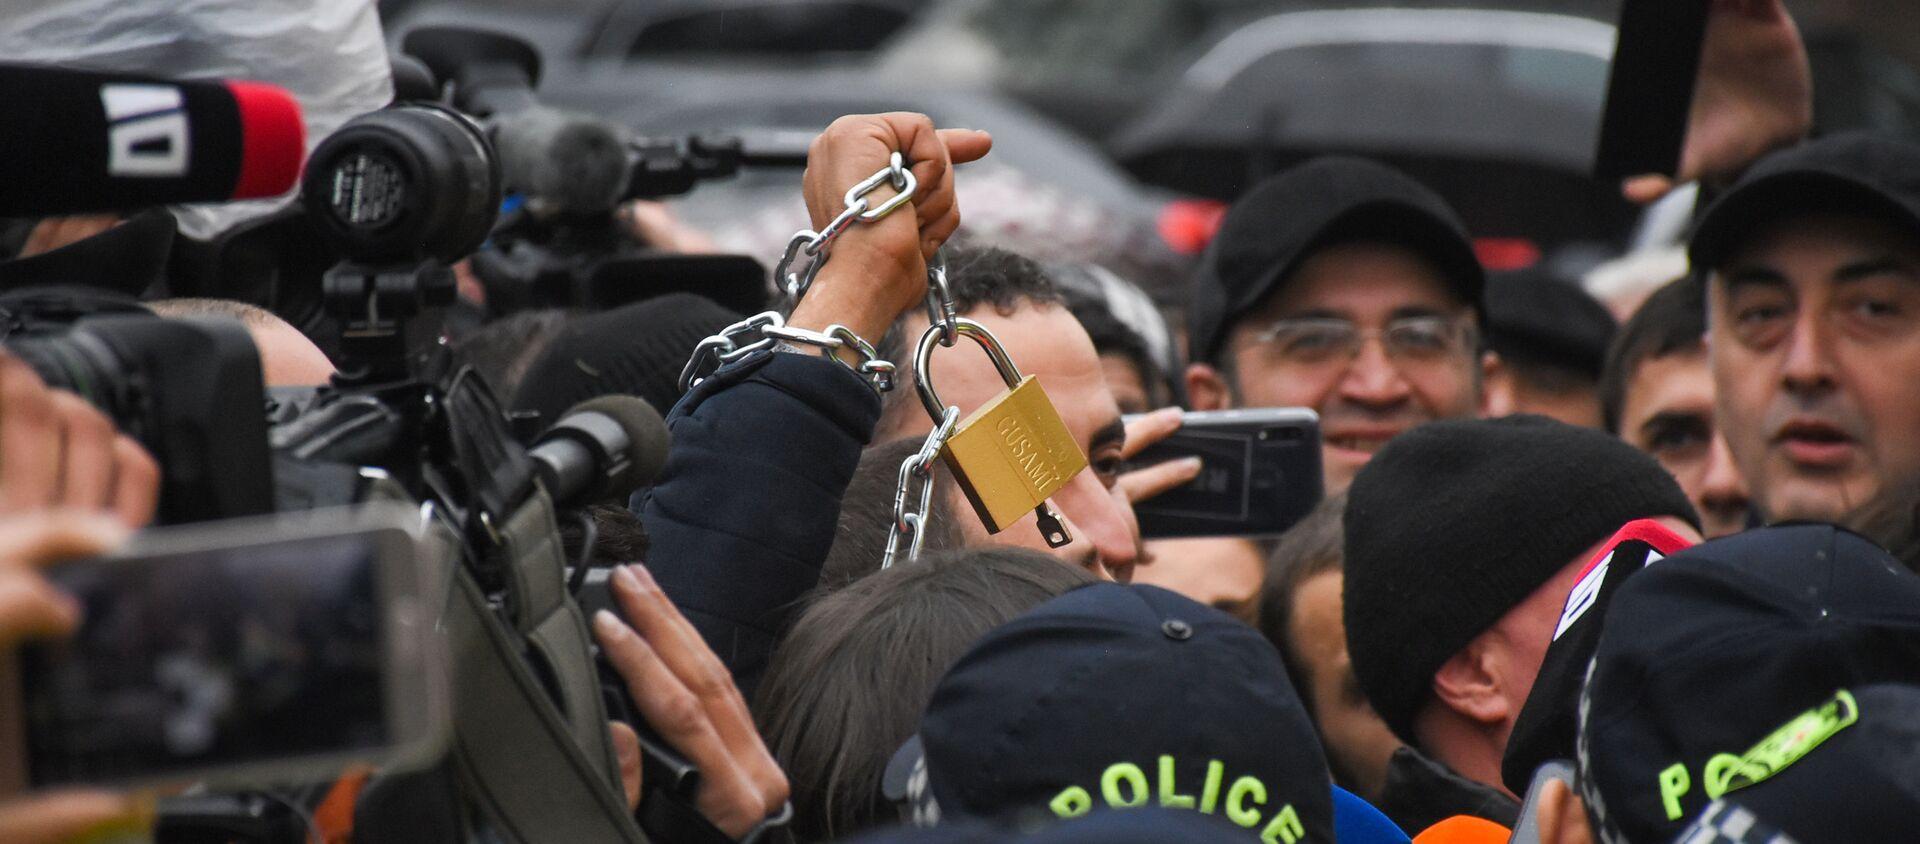 Представители оппозиции вешают замки на ограду здания Правительственной канцелярии во время акции протеста 21 ноября 2019 - Sputnik Грузия, 1920, 02.04.2021